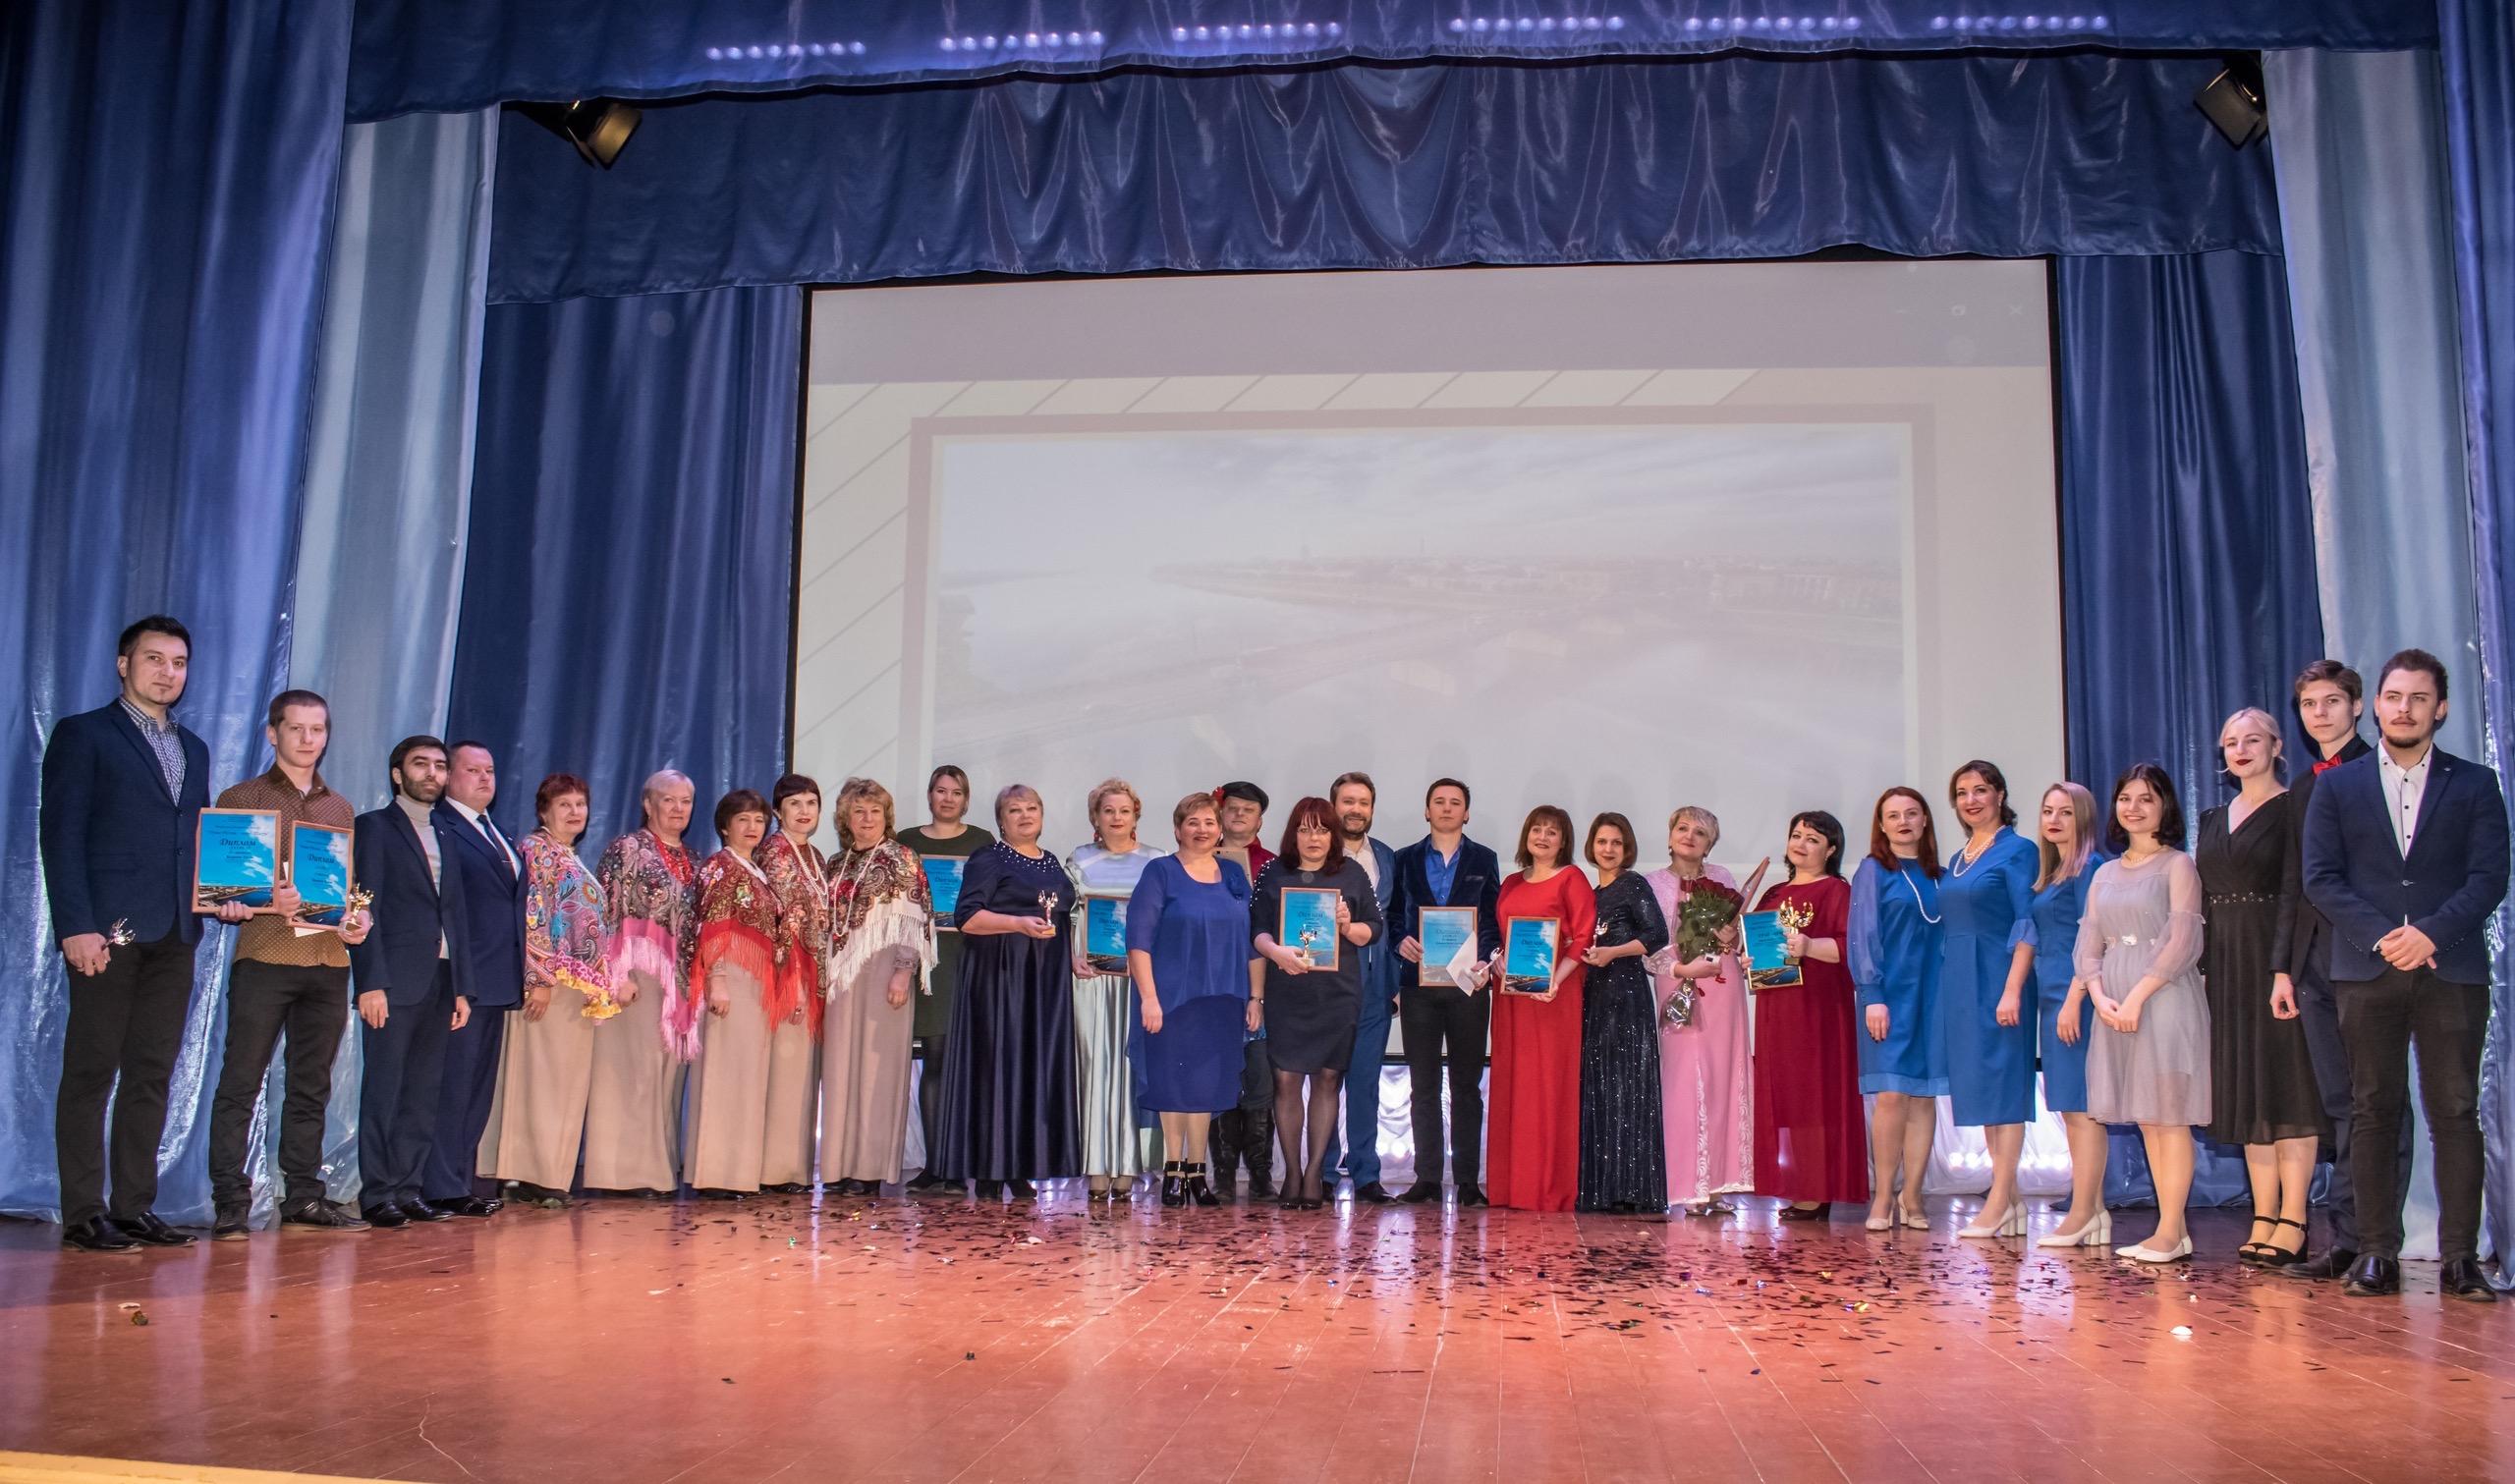 На конкурсе «Душа России - город Тверь» определили лучших певцов